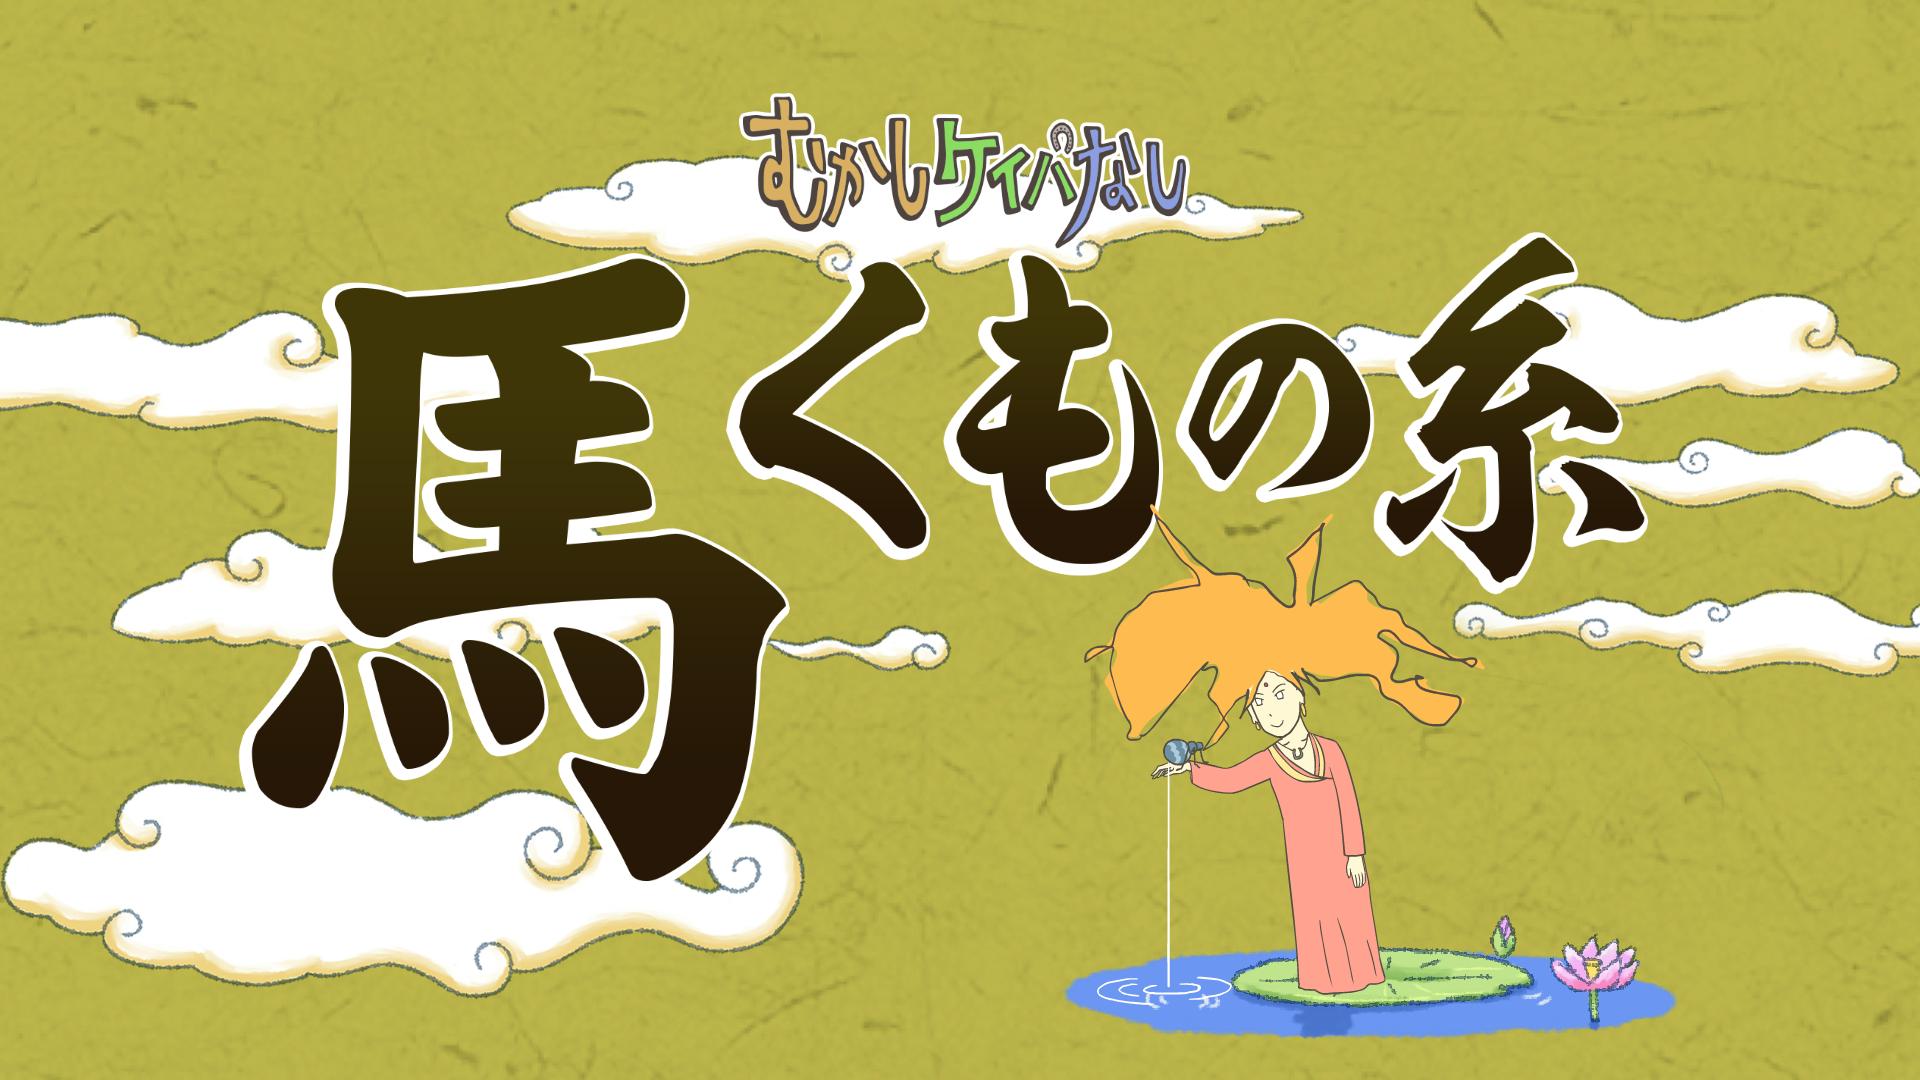 第二弾!!JRAオリジナルアニメ「むかしケイバなし」を制作しました!